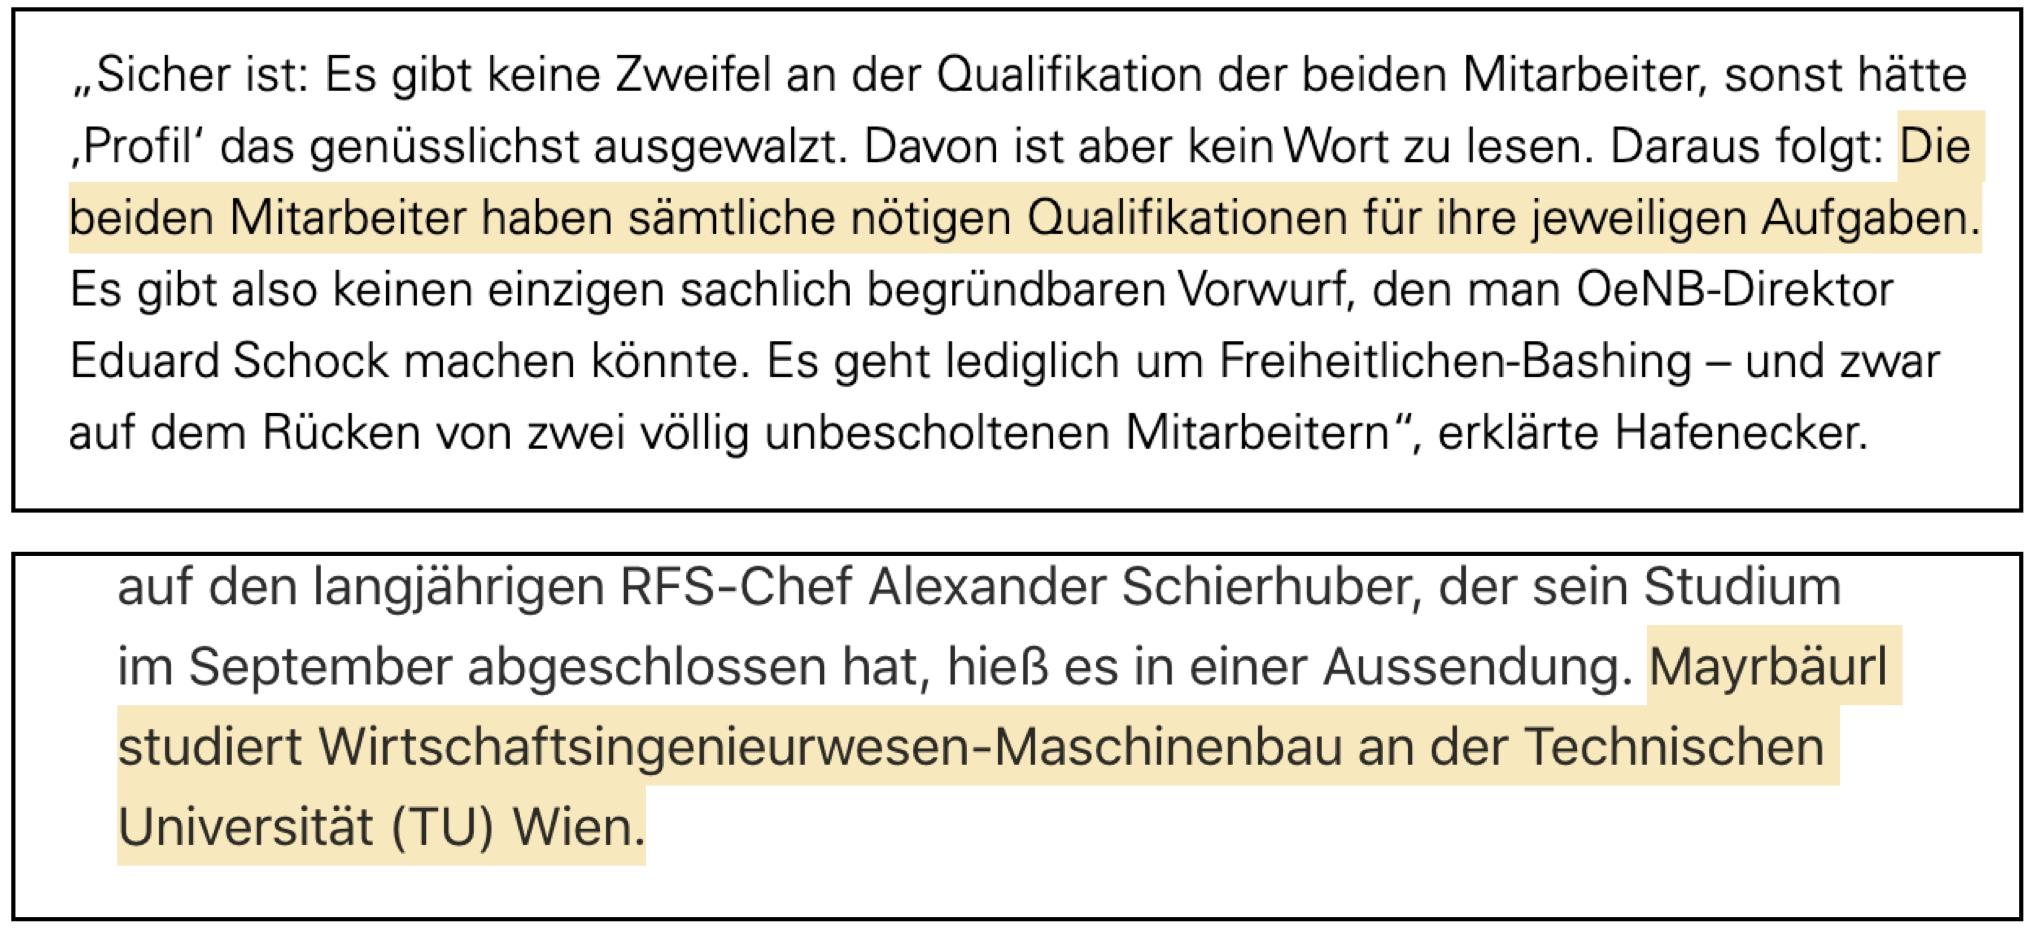 OTS Hafenecker und Studium Mayrbäurl (nach Angabe des RFS)